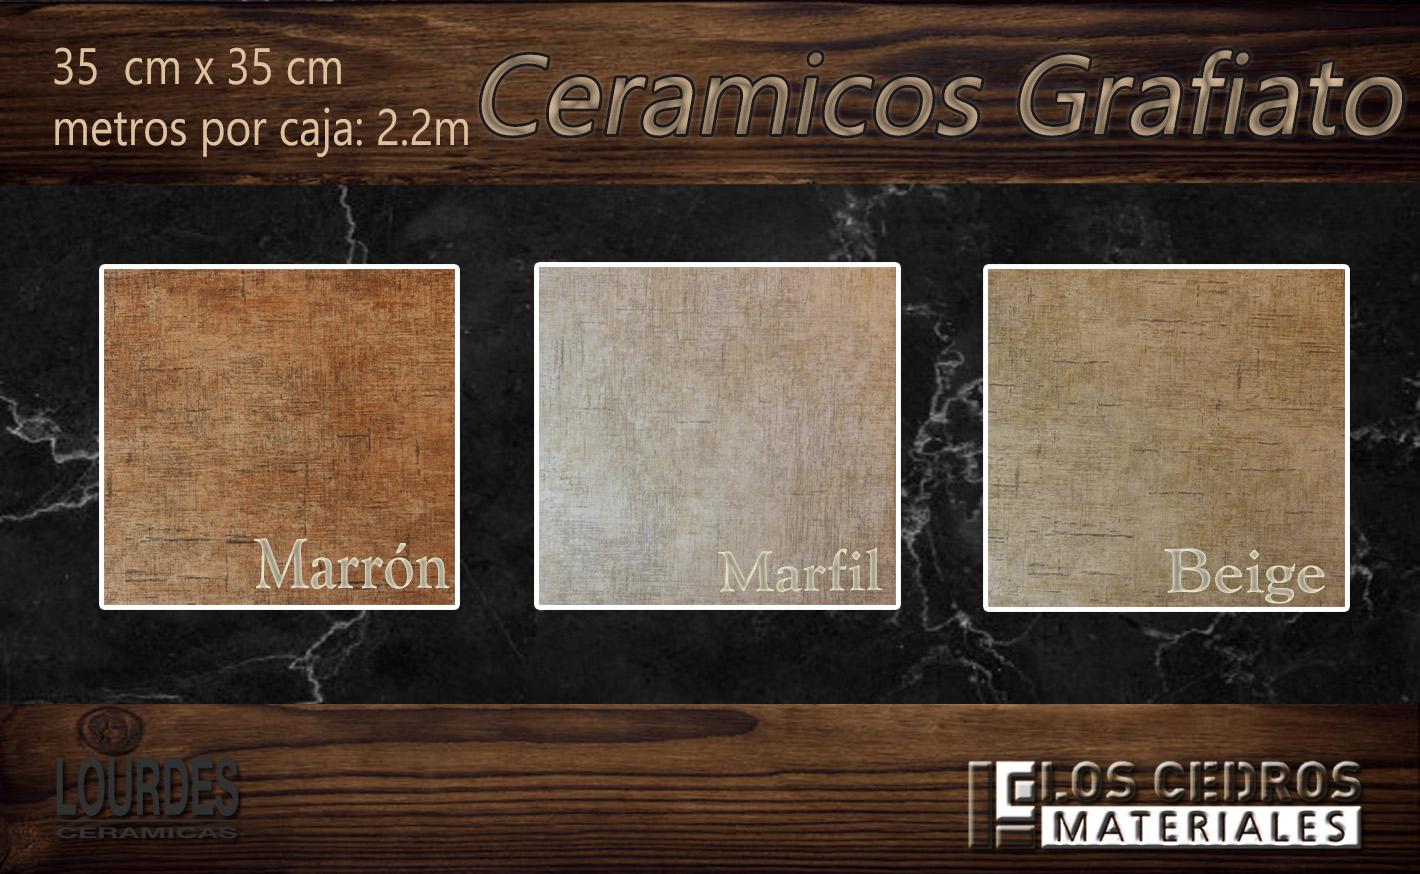 ceramicos grafiatto